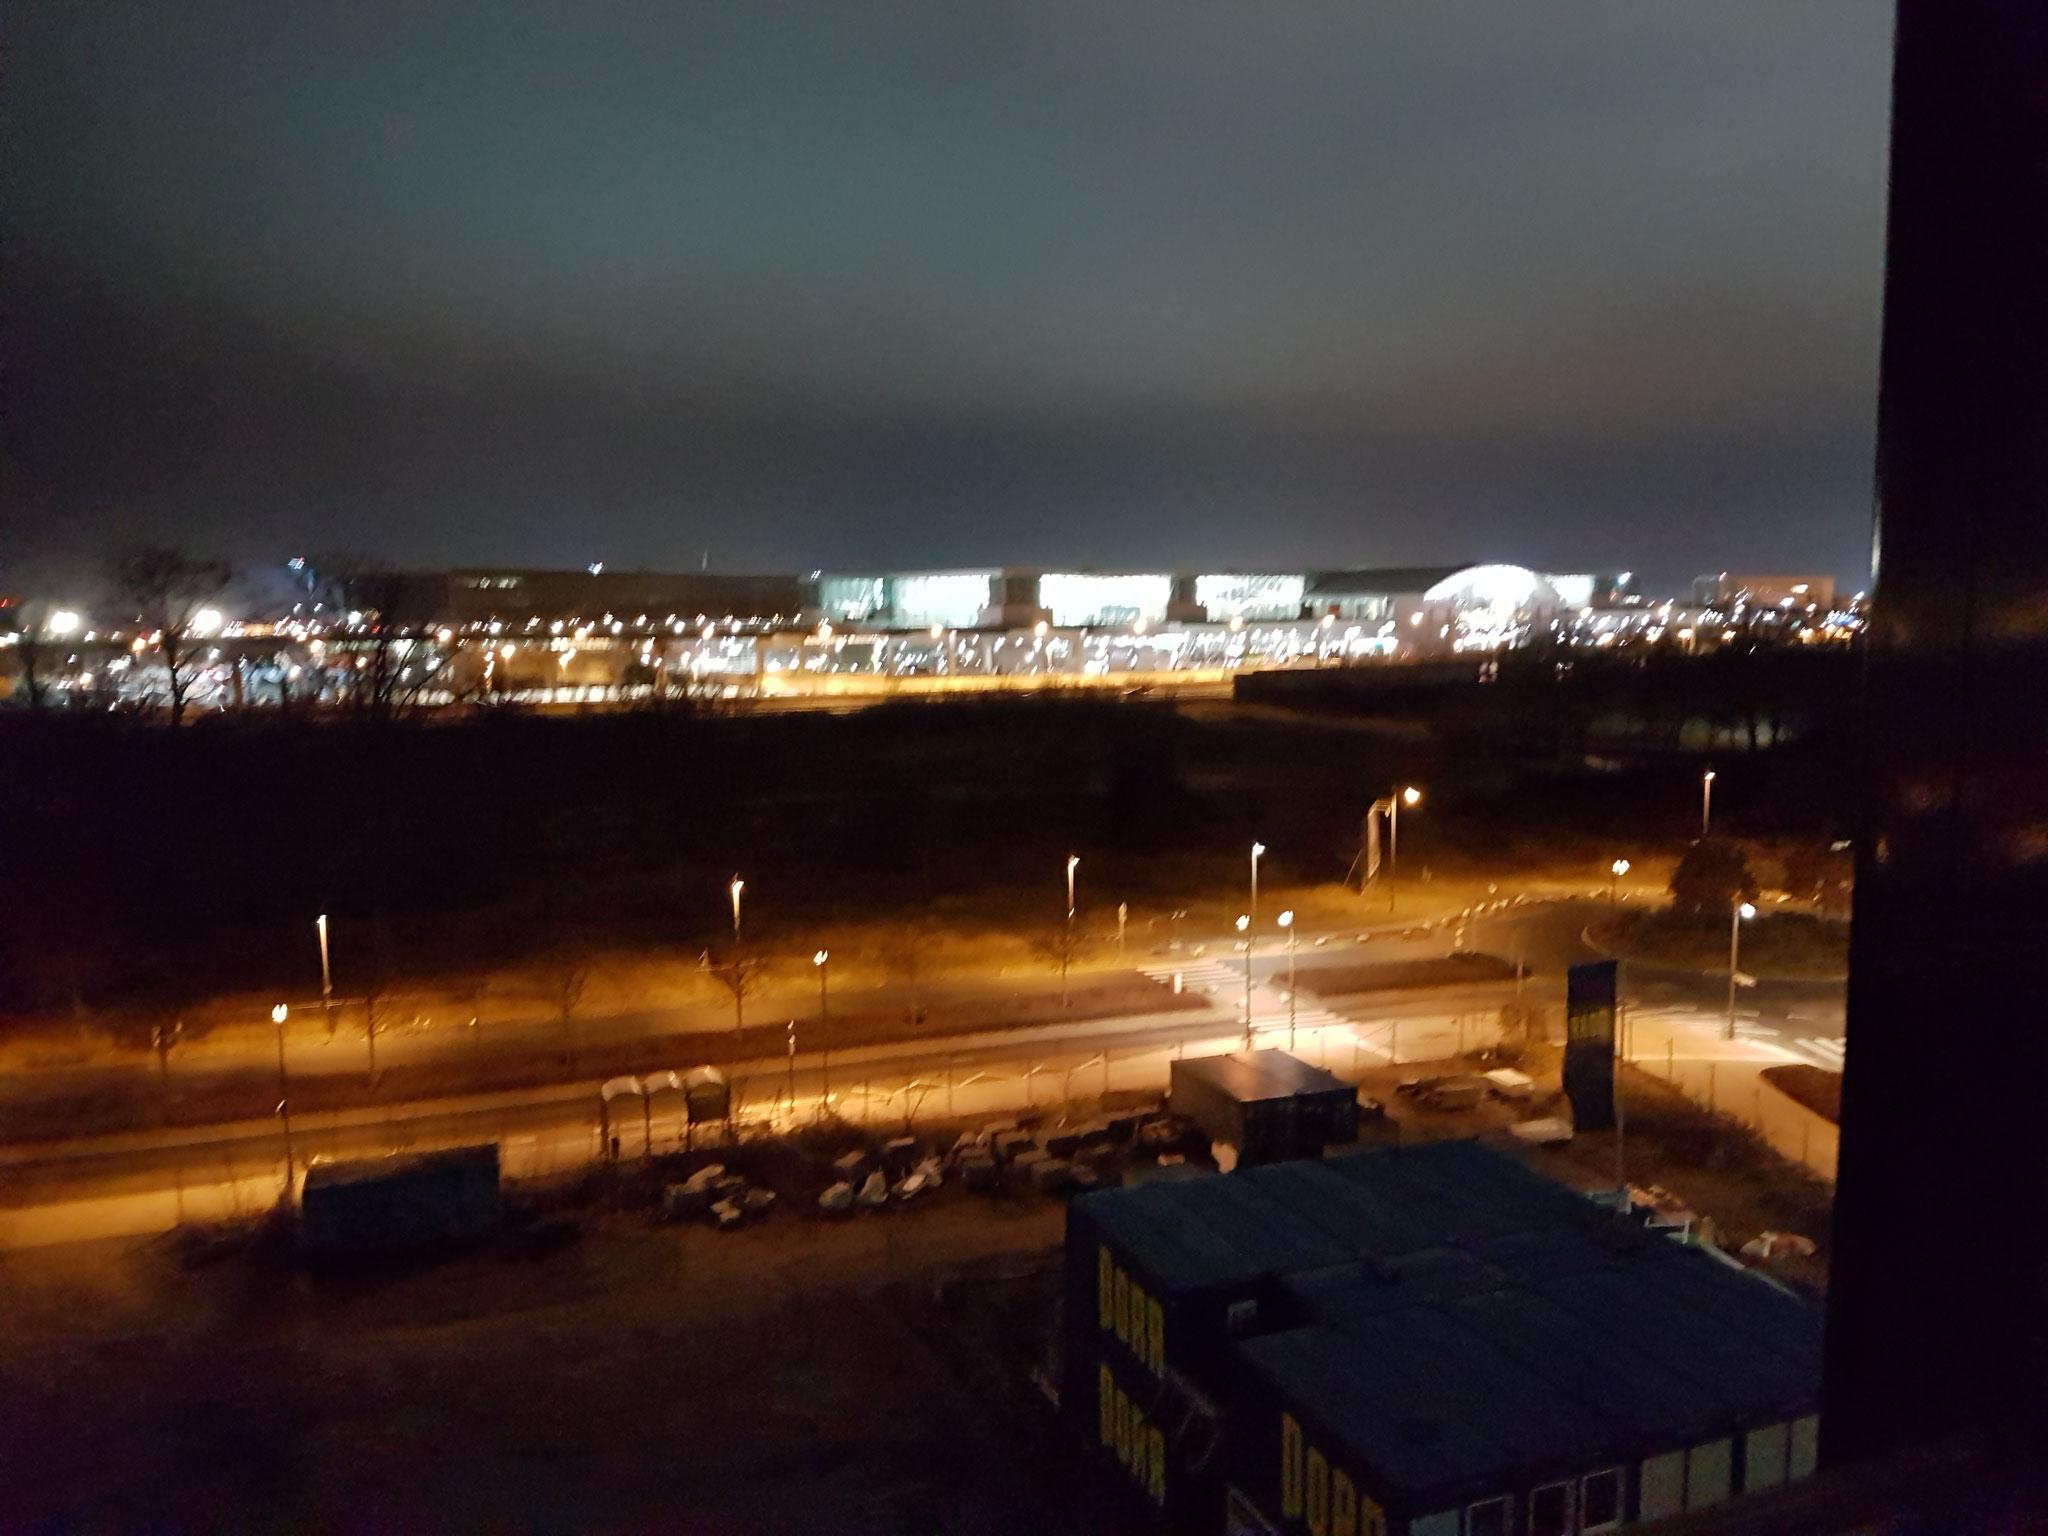 Schlaflos in Frankfurt: Blick vom Meininger-Hotel auf den Flughafen